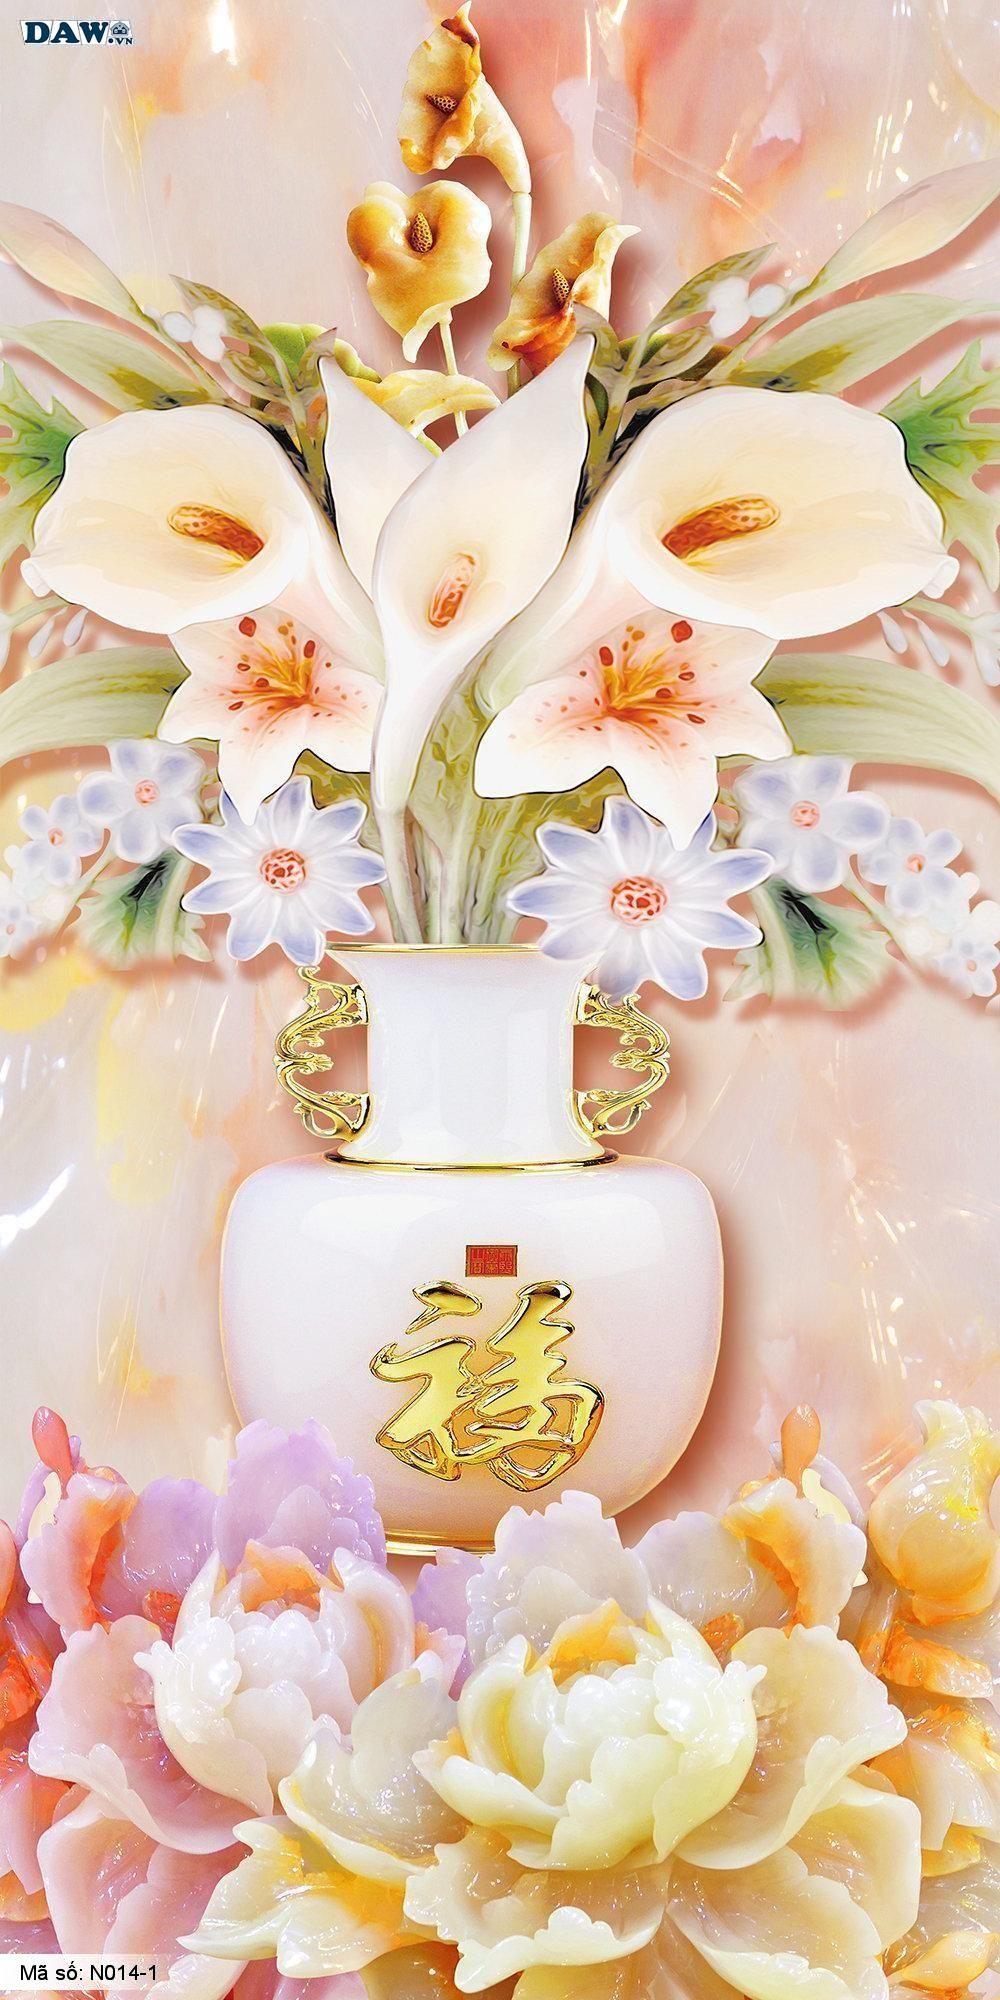 Tranh dán tường giả ngọc, Tranh ngọc 3D, Tranh dán tường Tphcm N014-1, Cành hoa, bình hoa 3D màu vàng cam xanh, tranh khổ đứng